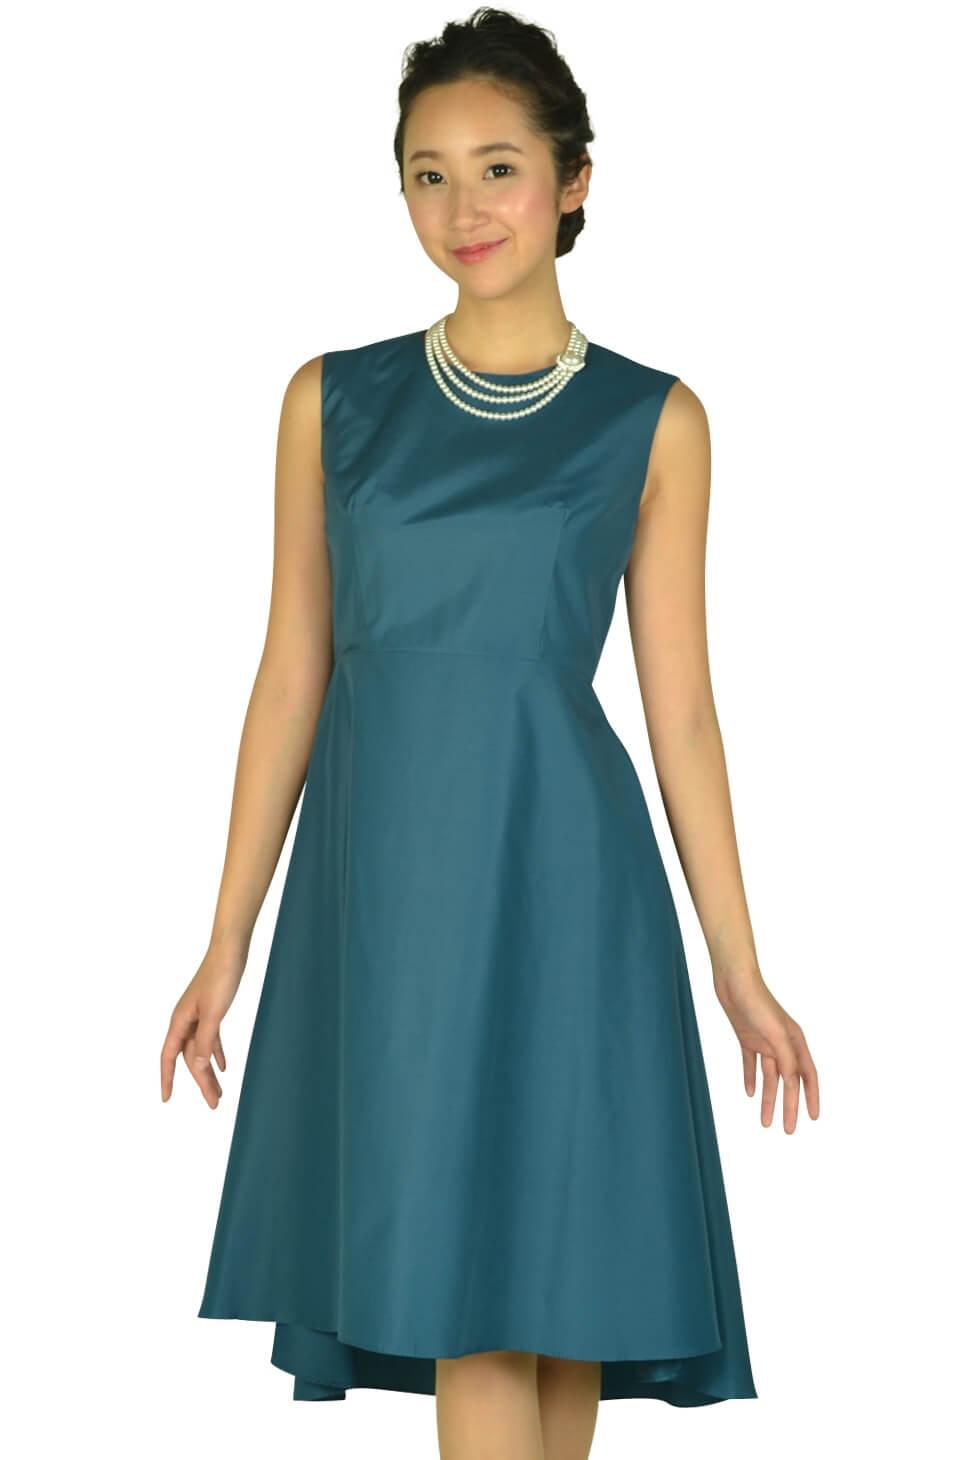 ダリアンスケリー (Dalliance Kelly)フィッシュテールスカートグリーンドレス